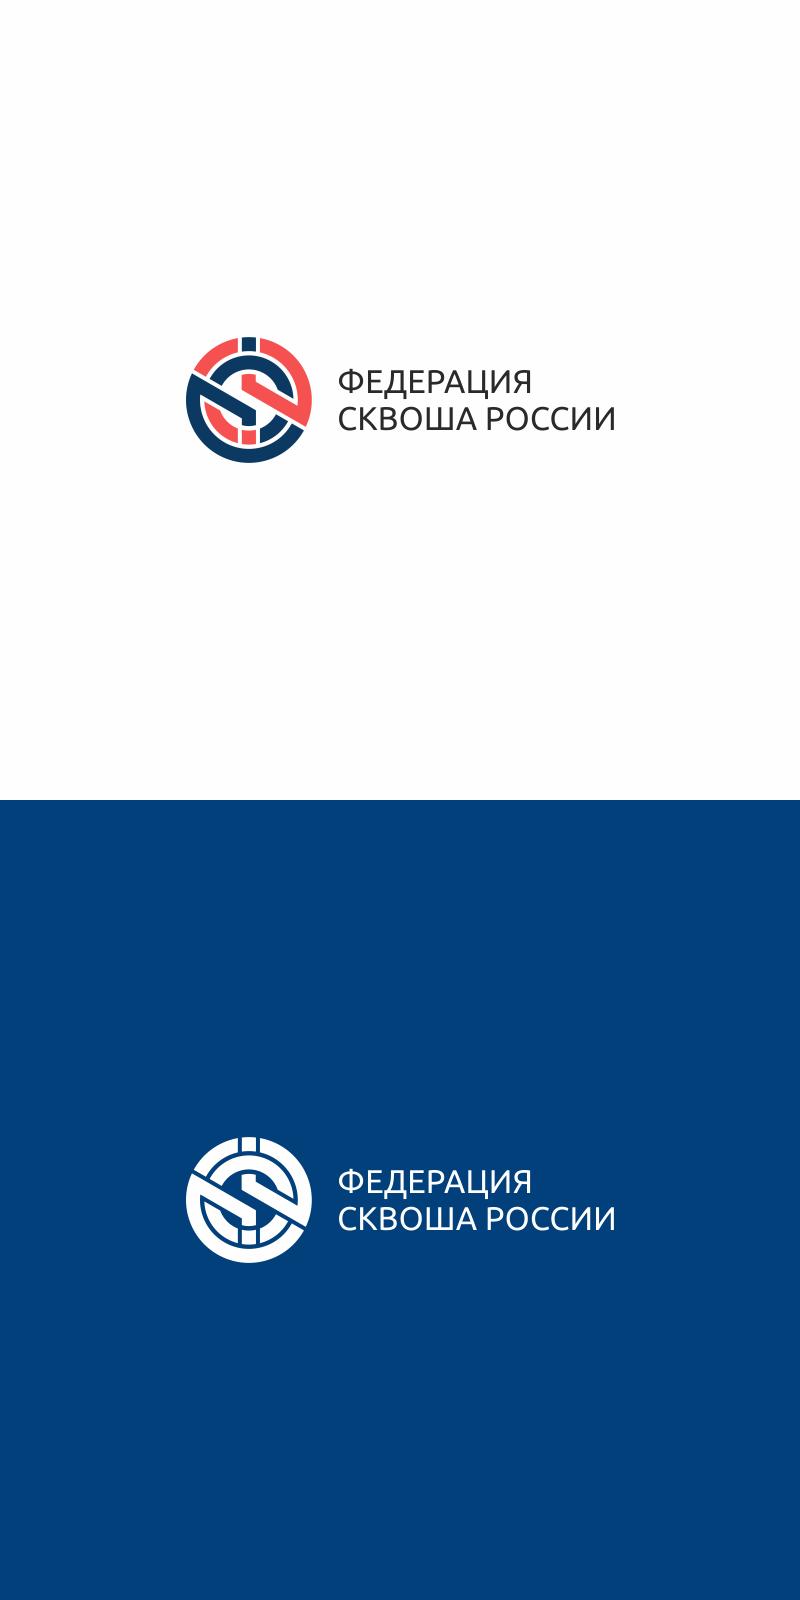 Разработать логотип для Федерации сквоша России фото f_7145f396f8487415.png